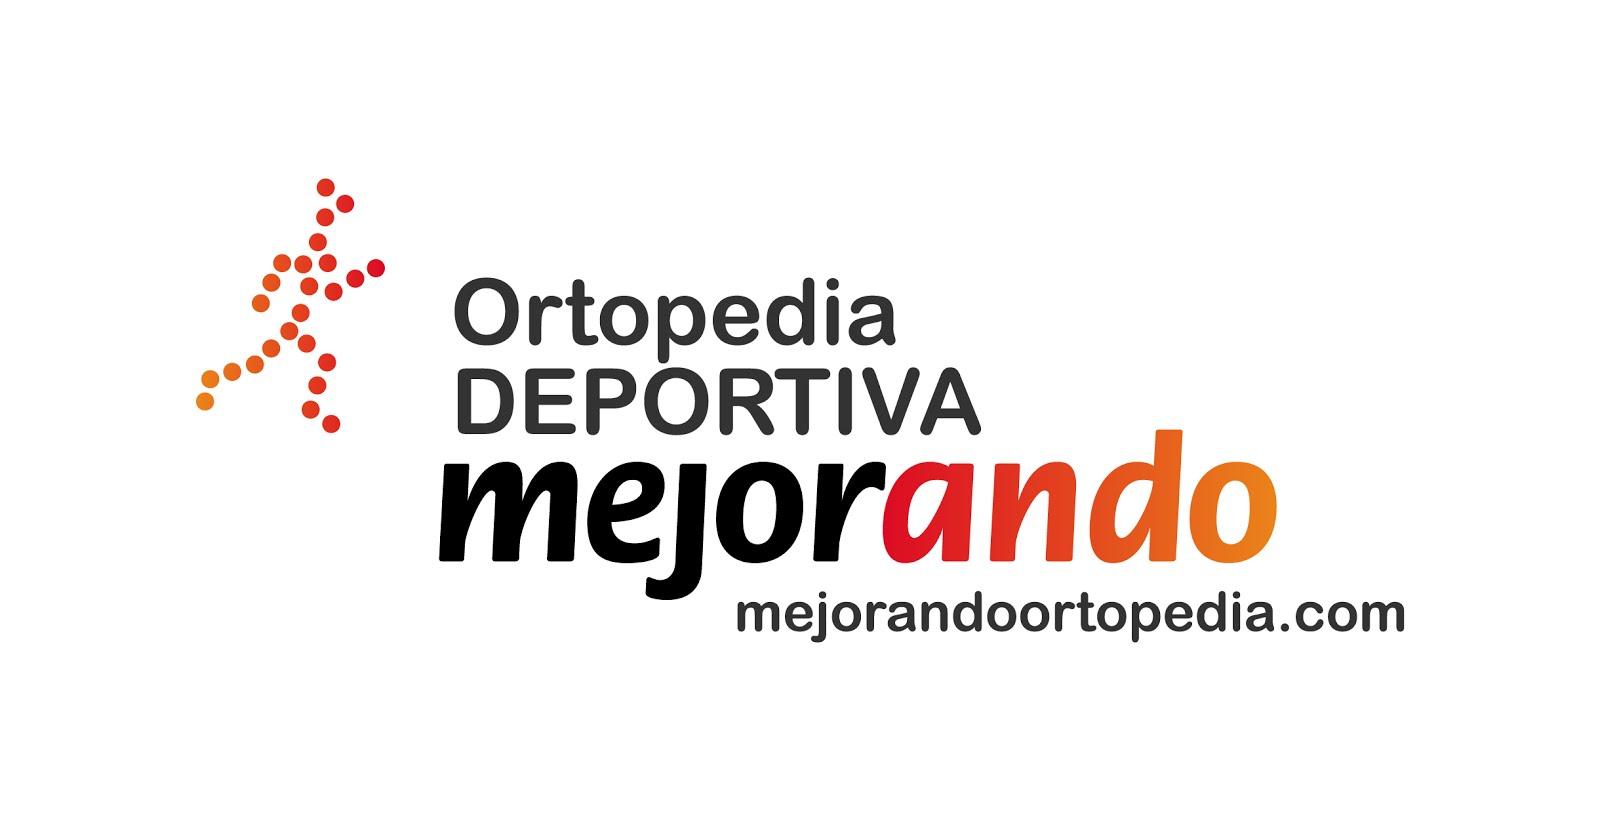 GABINETE DE ORTOPEDIA MEJORANDO